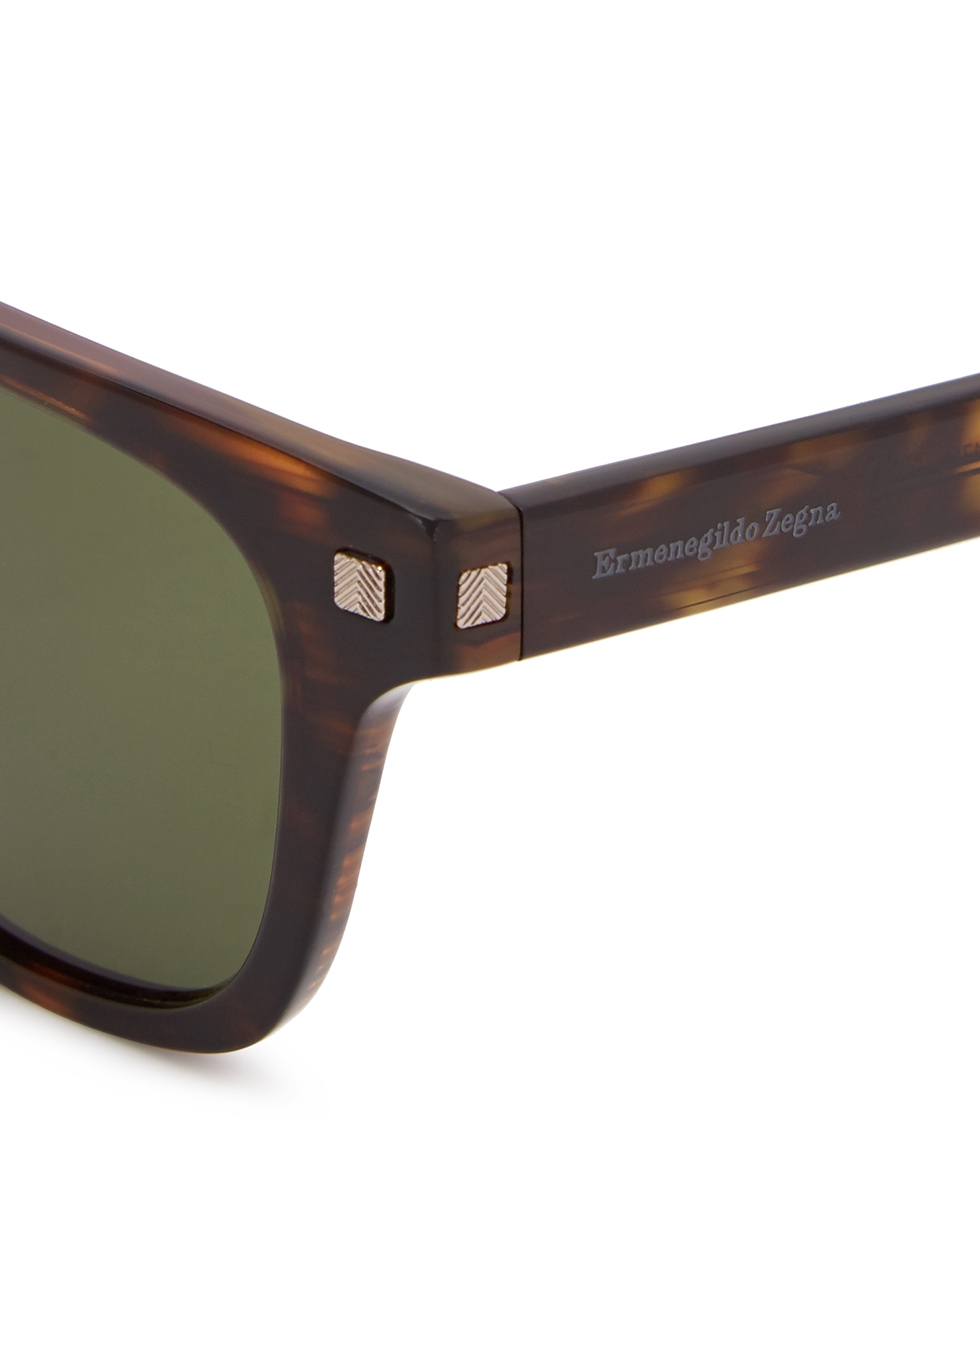 Tortoiseshell wayfarer-style sunglasses - Ermenegildo Zegna